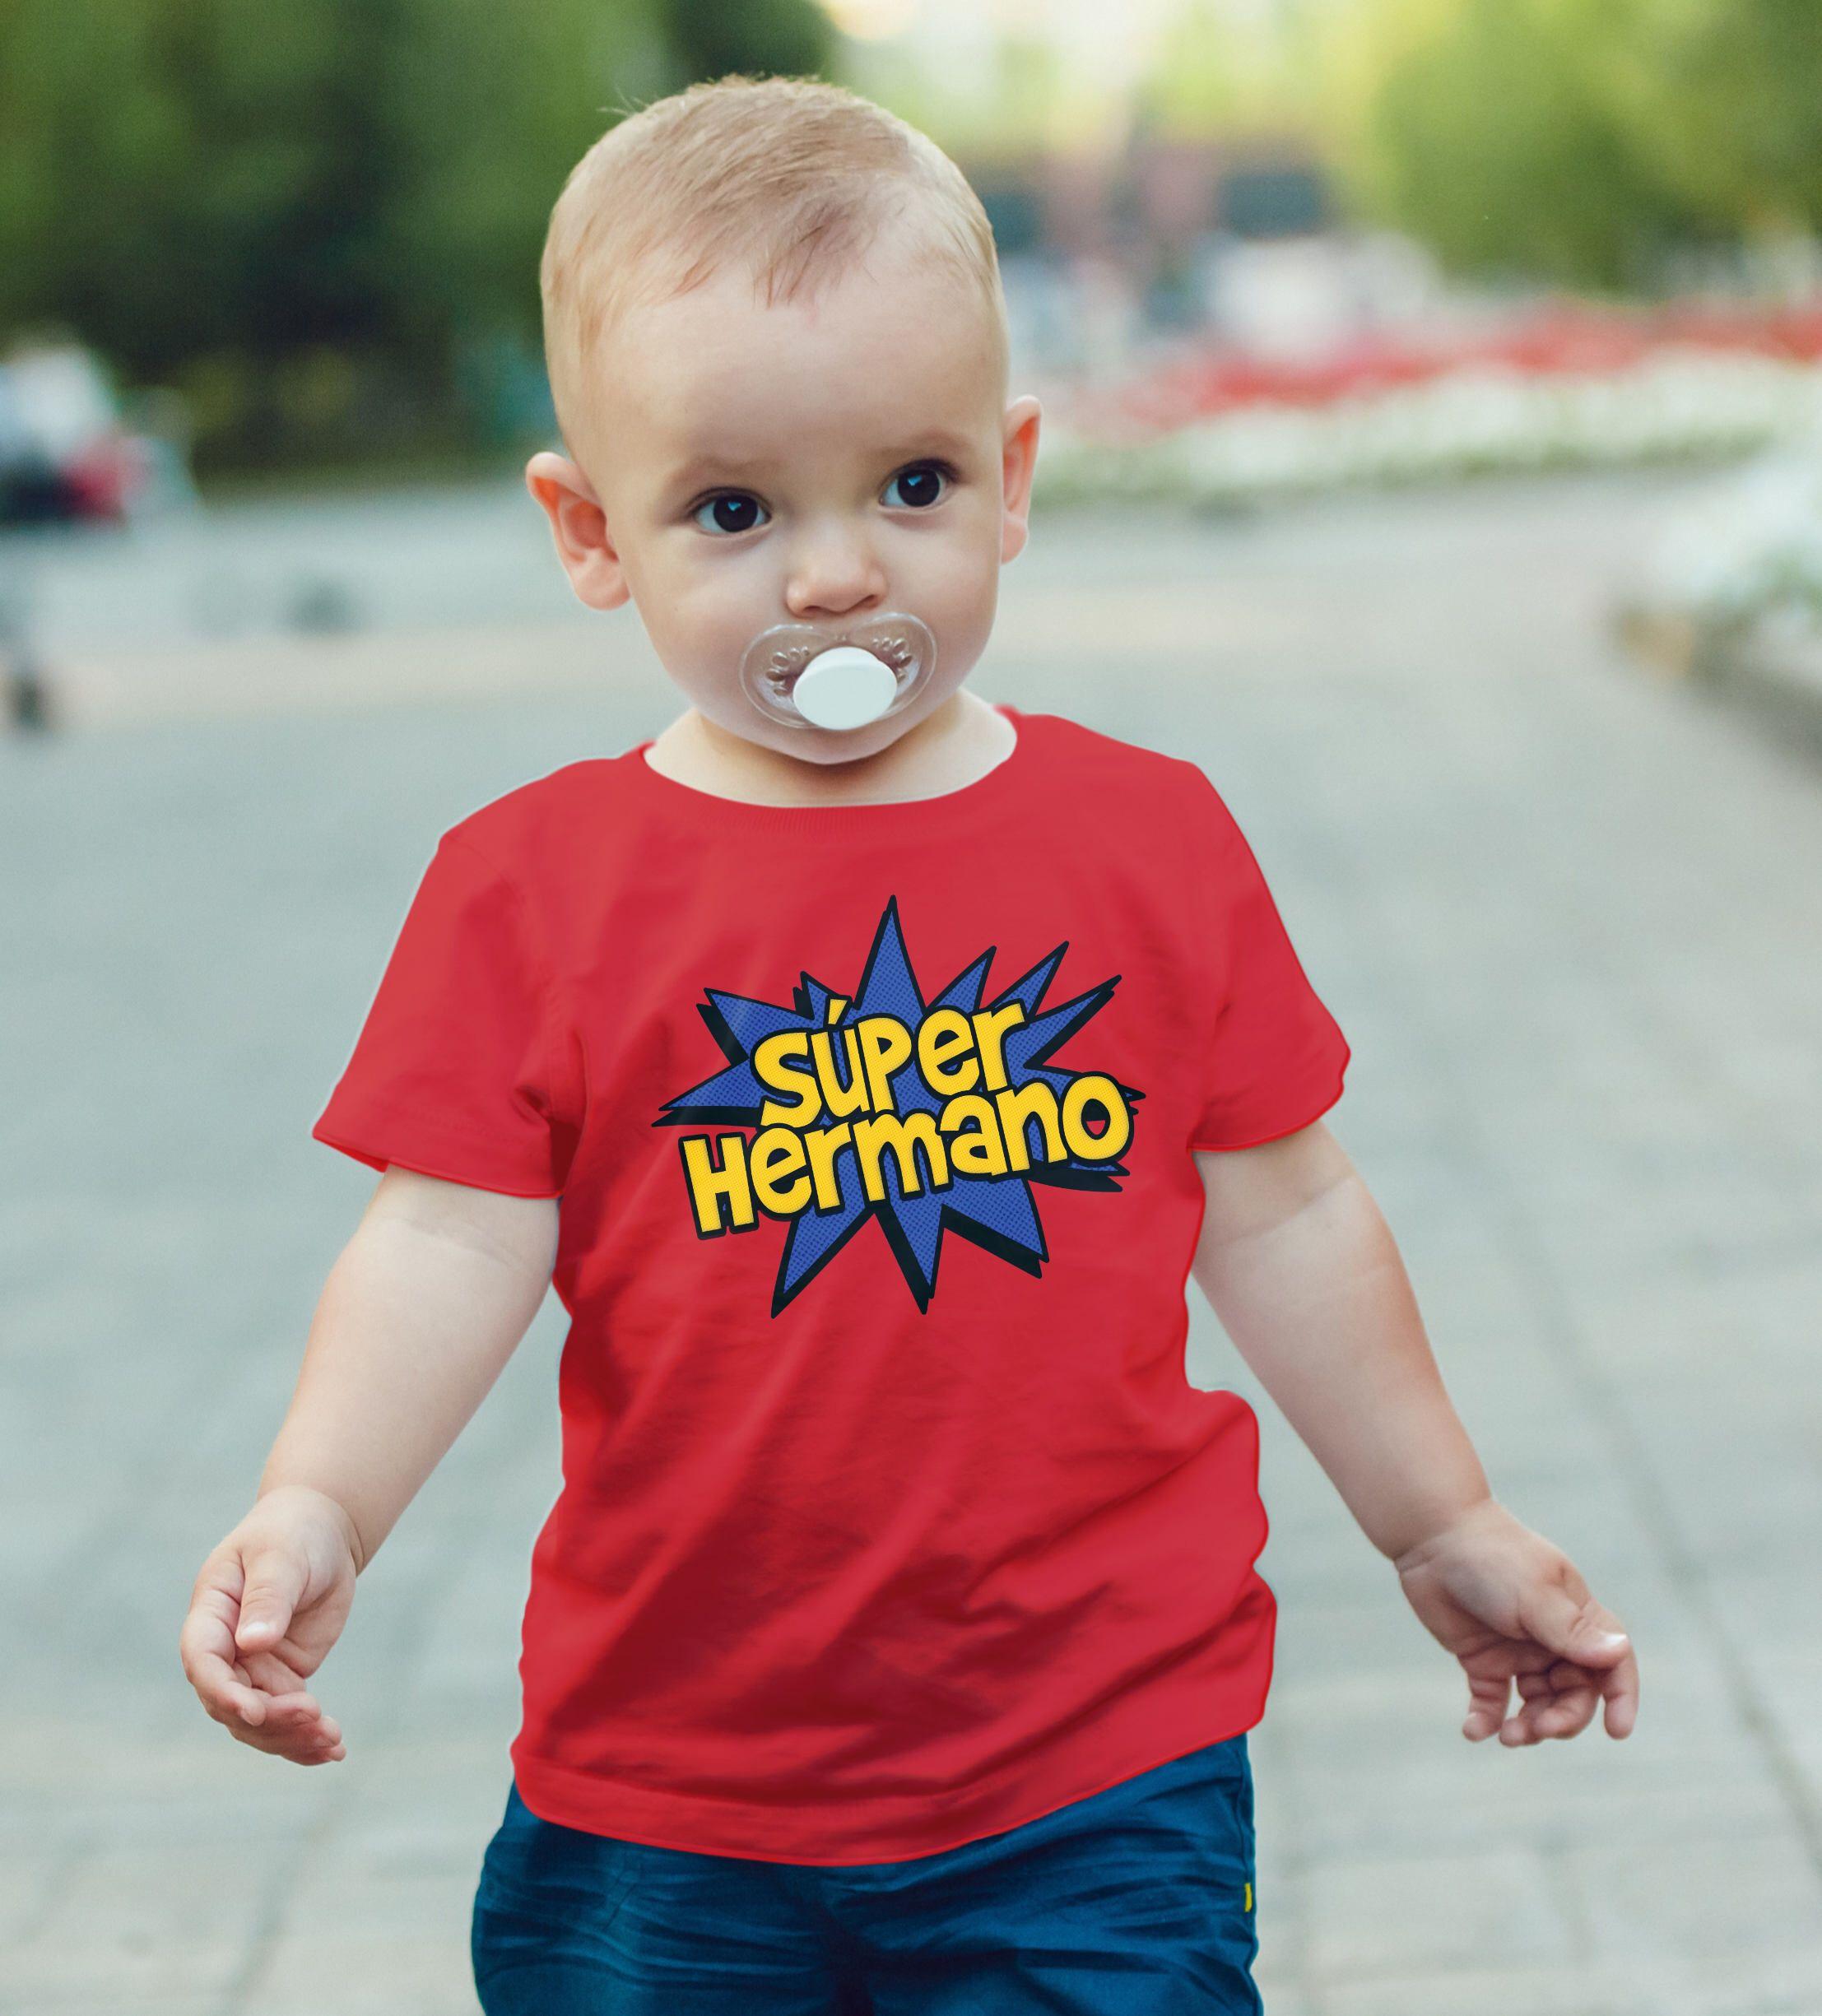 Family Reunion Shirt Ideas Pinterest Bet C